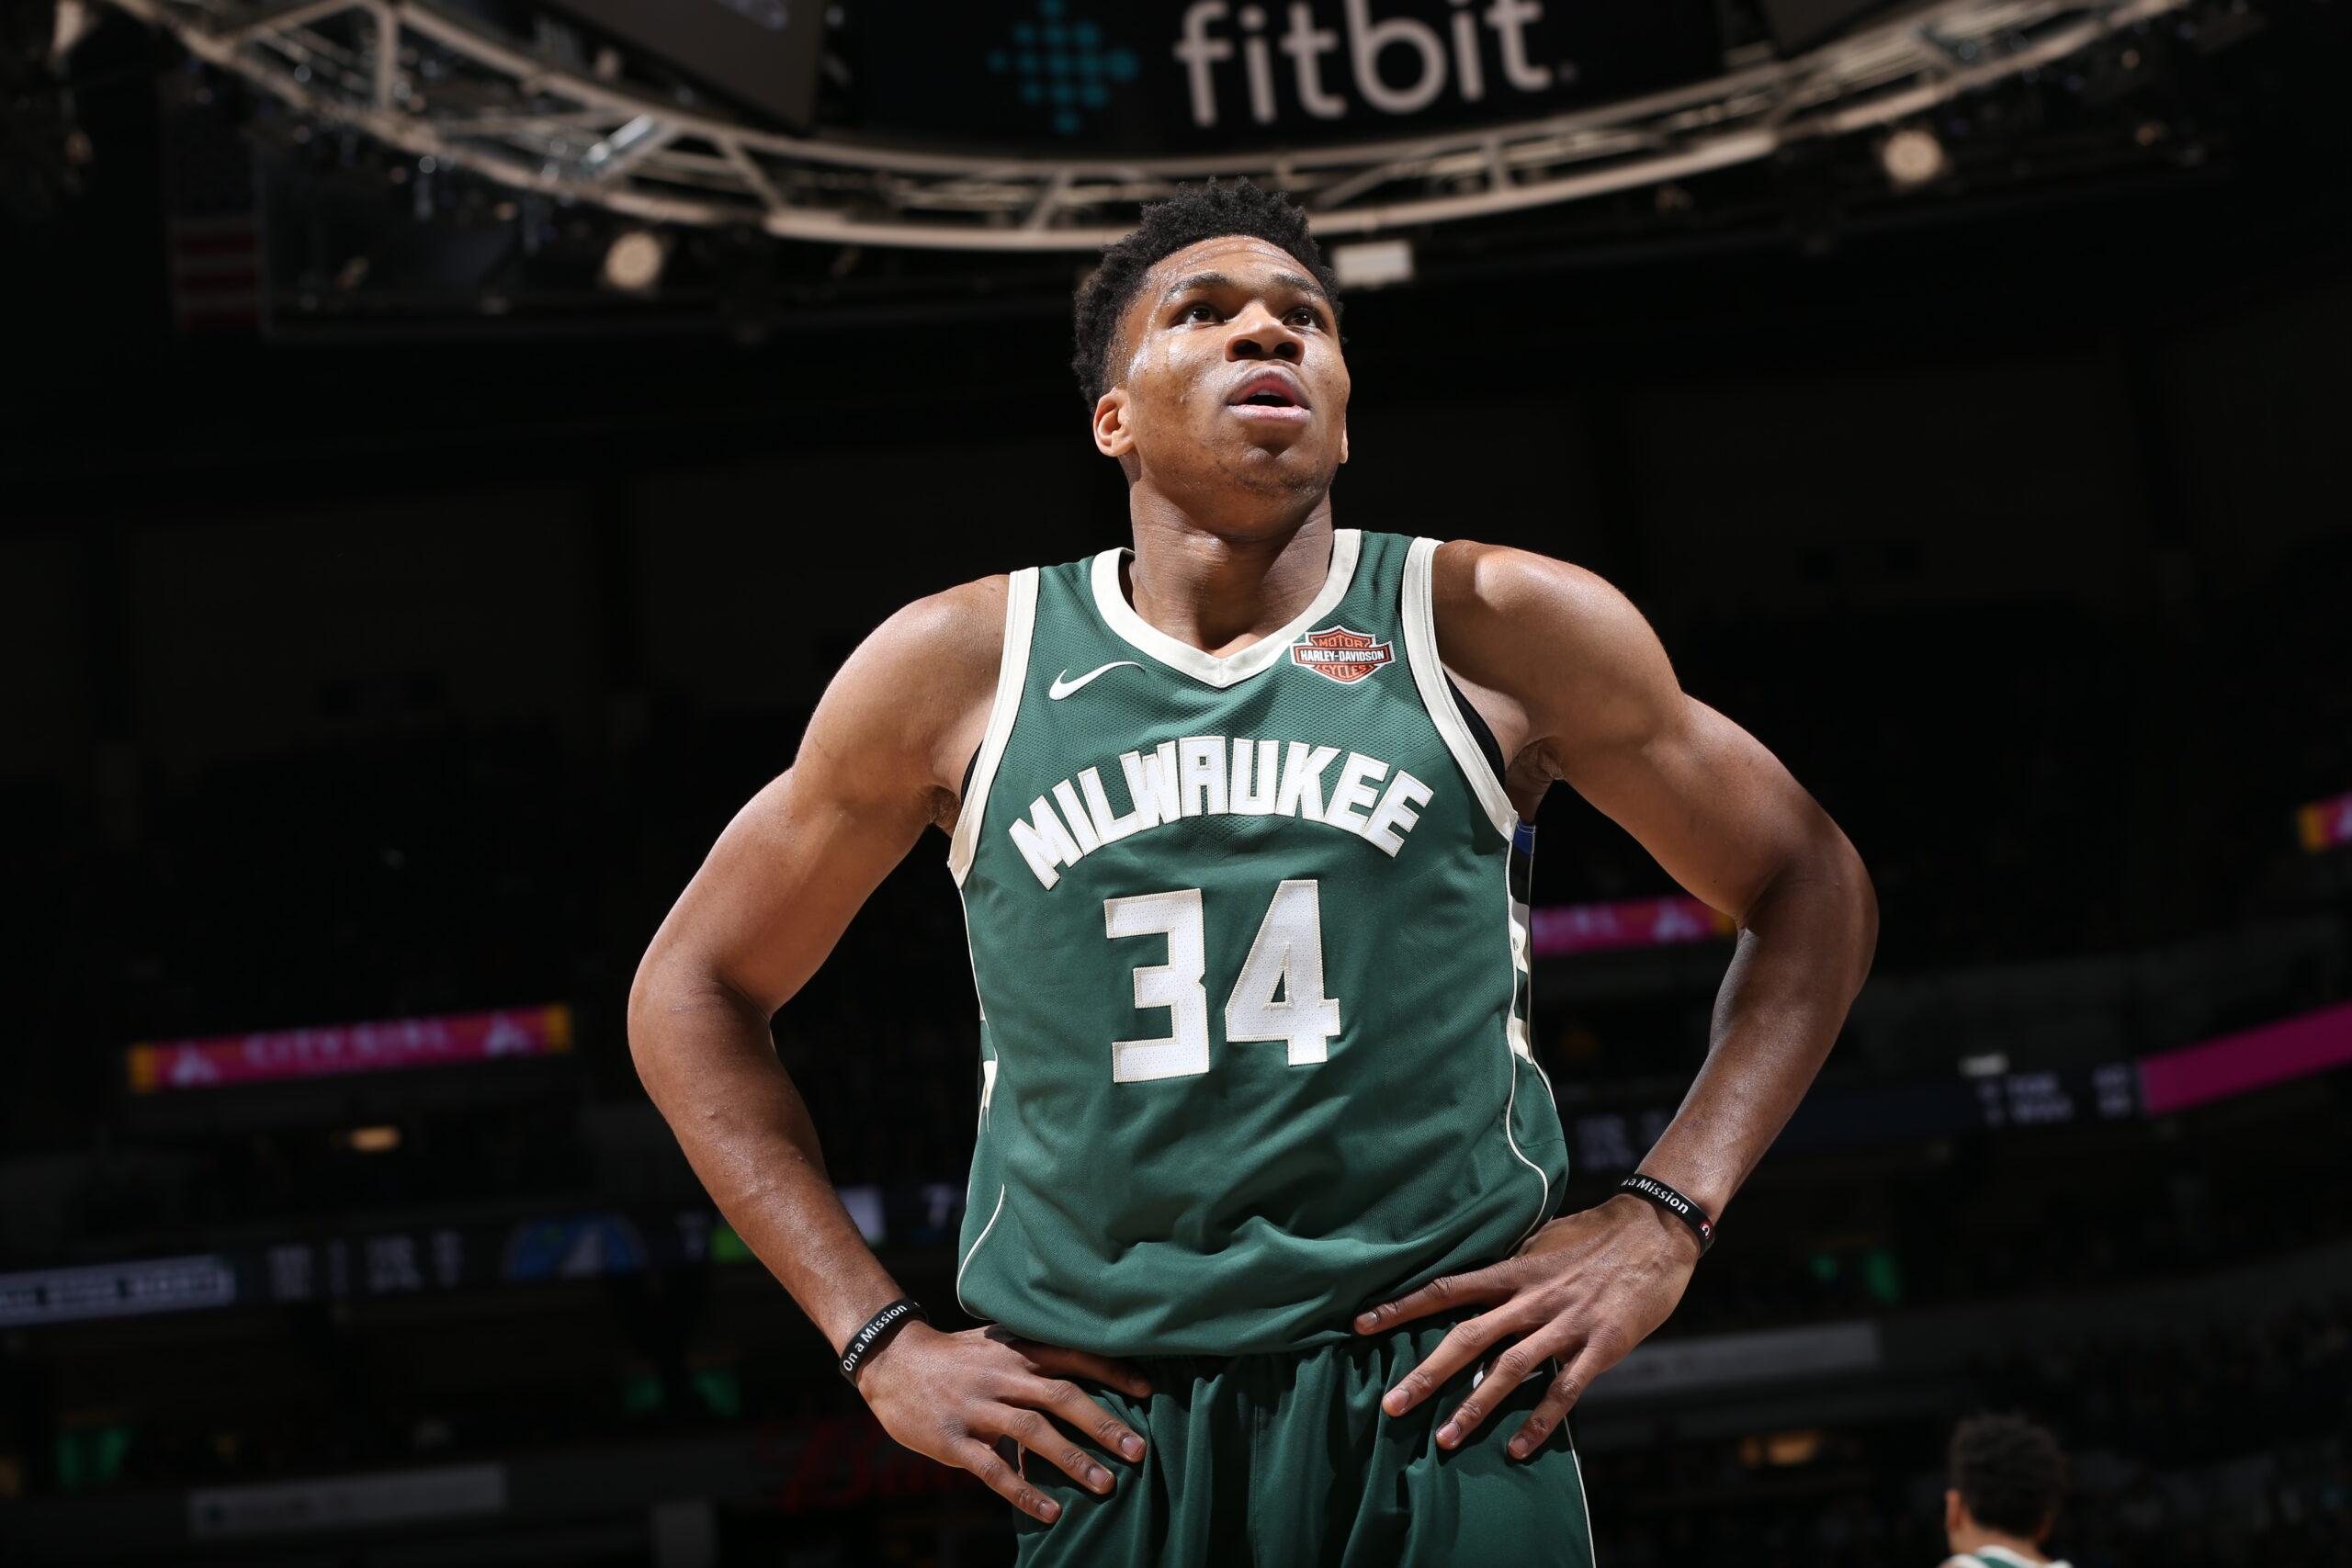 NBA-Le partite del 24 febbraio: male Celtics e Knicks. Bucks, che vittoria!